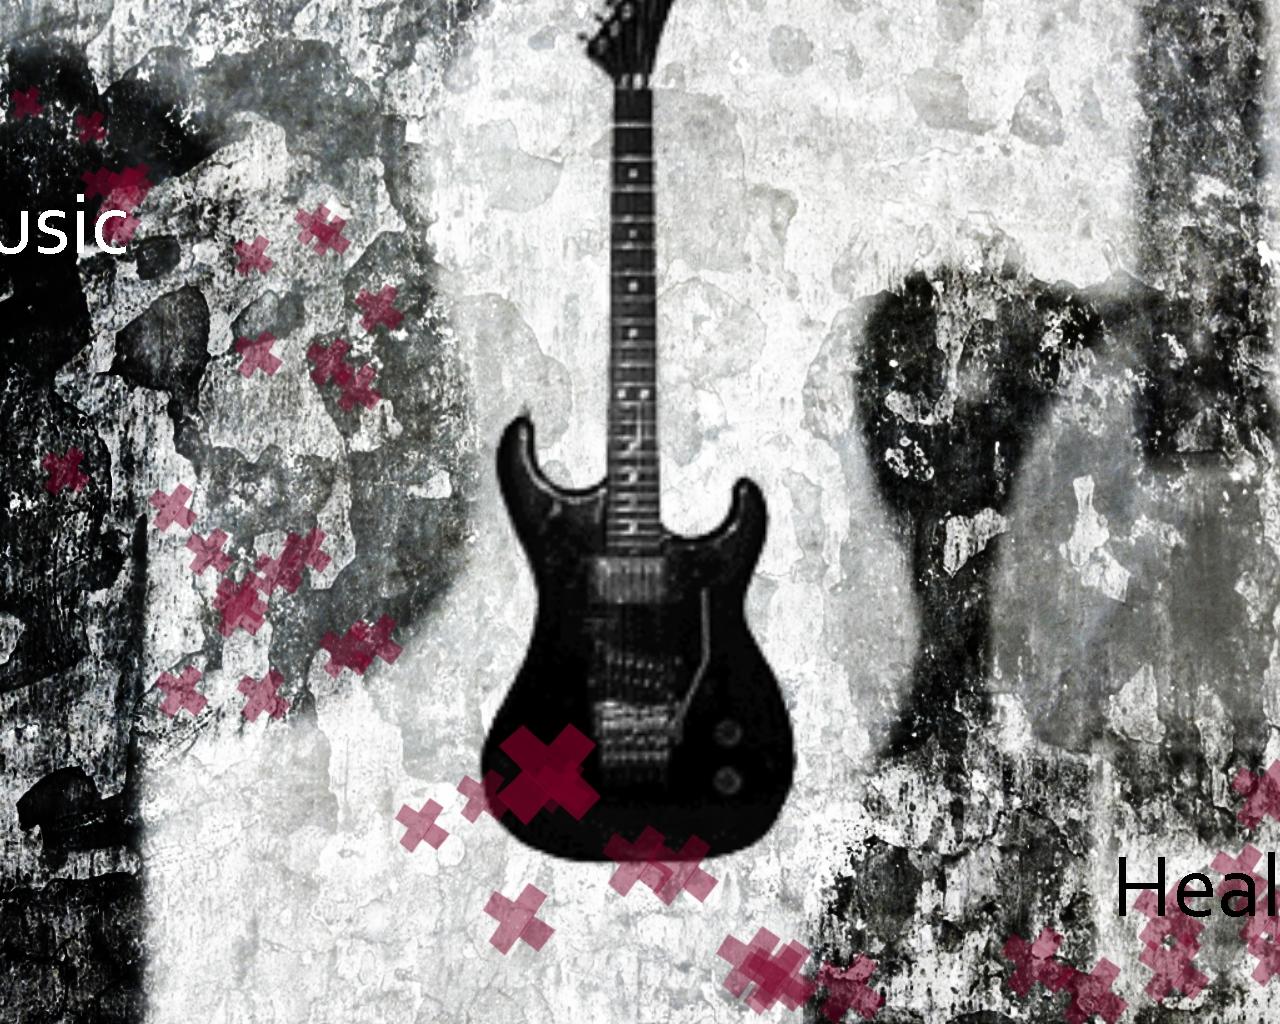 http://2.bp.blogspot.com/-UiiNif0xnpo/T-_sebervWI/AAAAAAAAHEw/TEUvufcf64w/s1600/Graffiti+Wallpaper+061.jpg